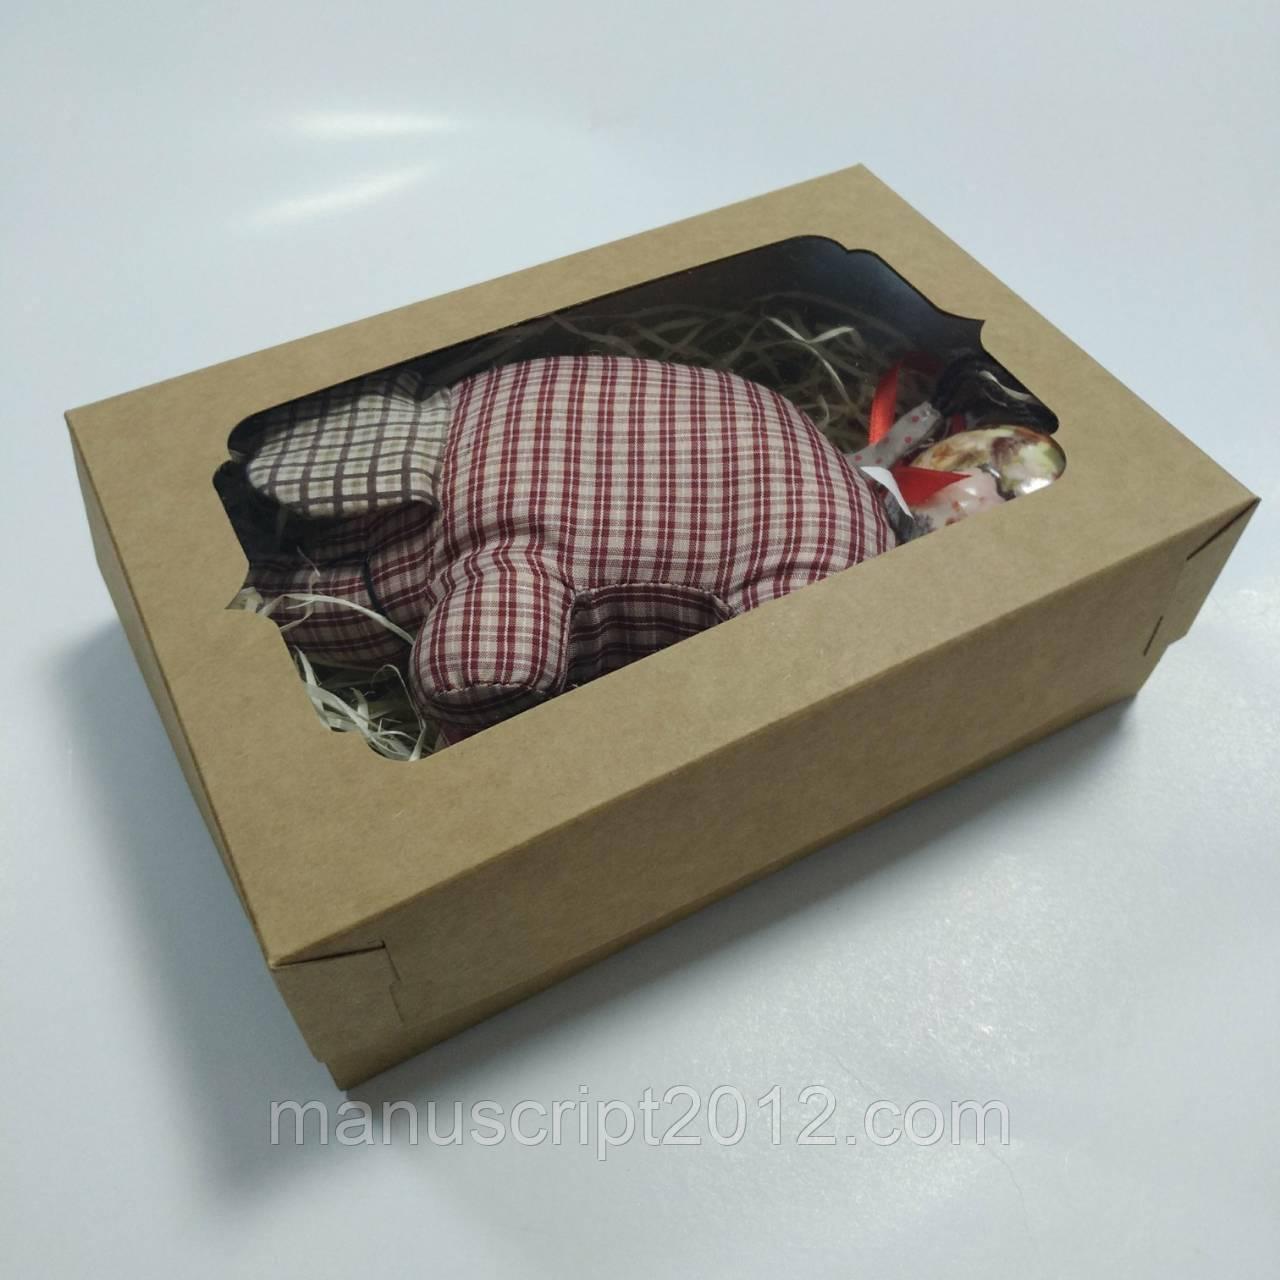 Коробка крафт для подарков и сувениров 250х170х80 мм